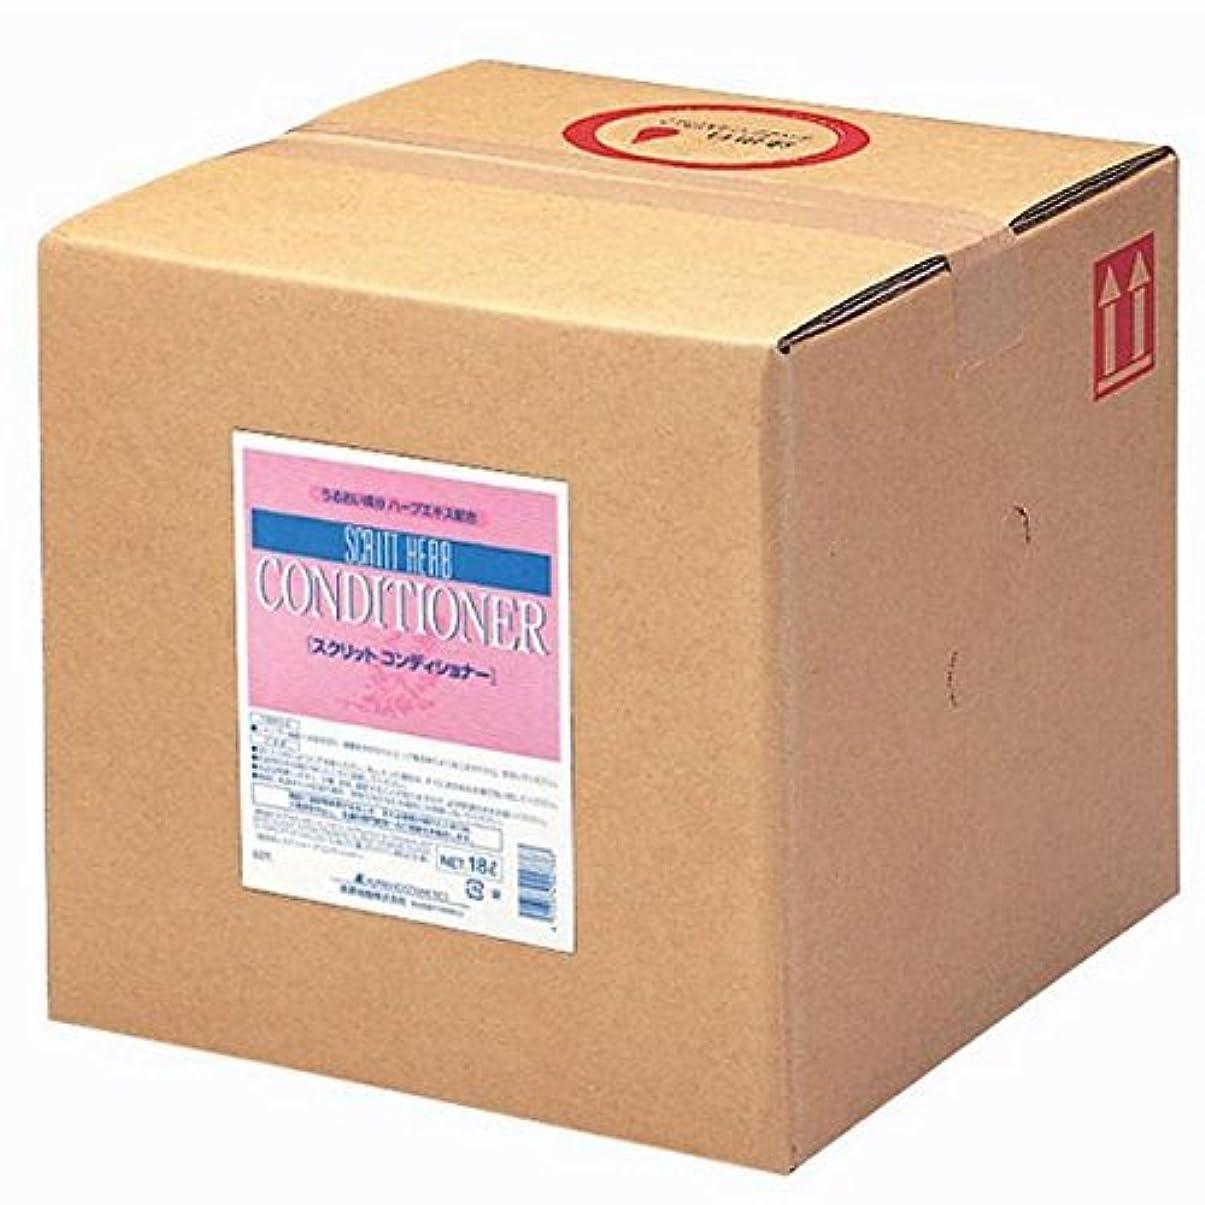 意識的証人メンタリティ熊野油脂 スクリット コンディショナー 詰替用 18L 4231